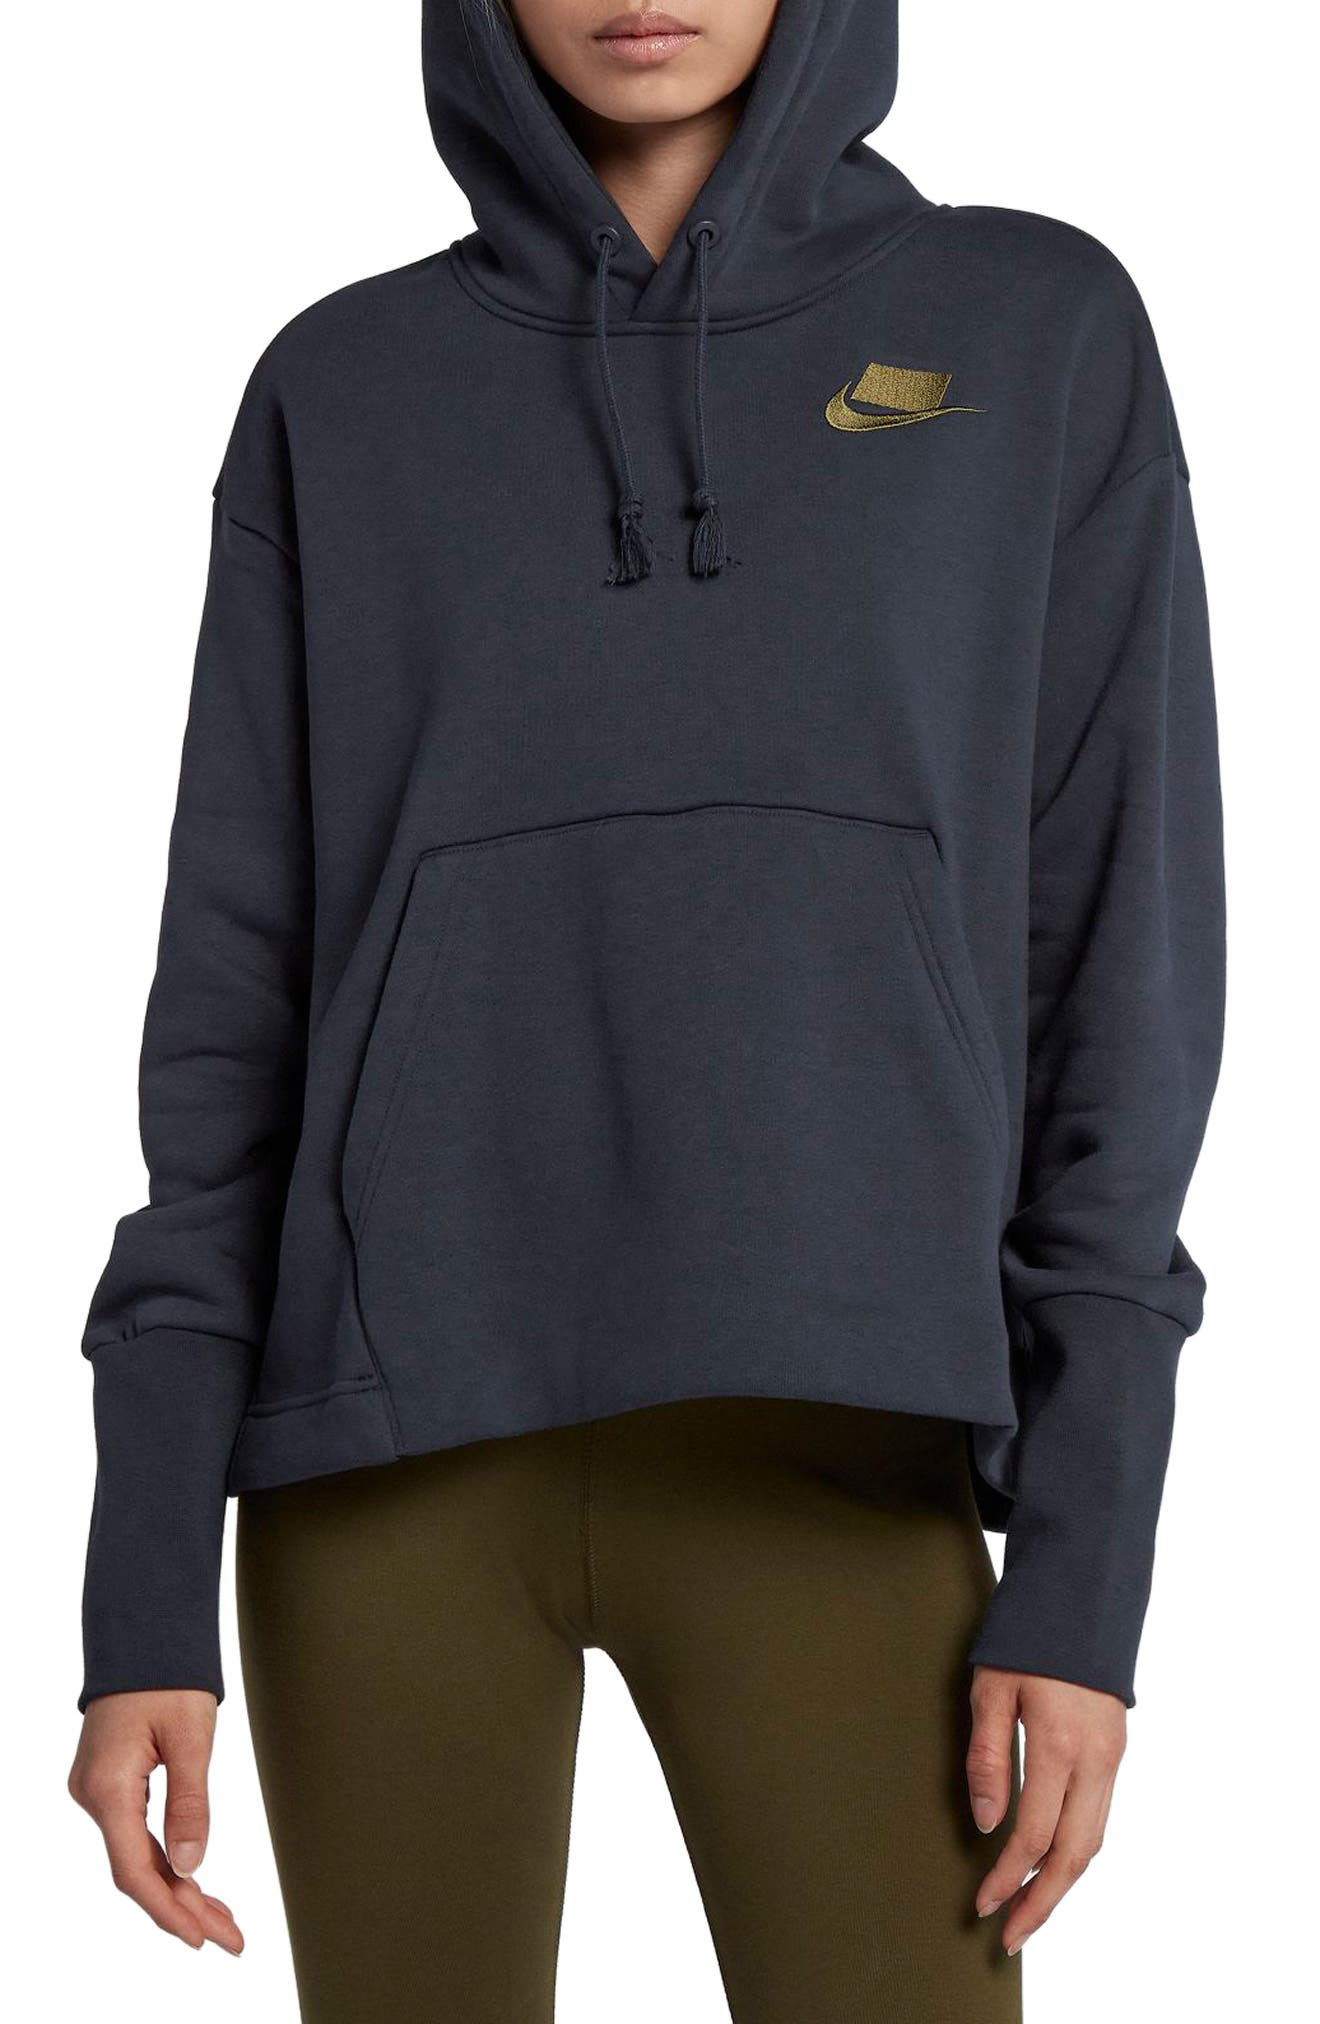 NIKE,                             Sportswear NSW Women's Fleece Hoodie,                             Main thumbnail 1, color,                             DARK OBSIDIAN/ OLIVE